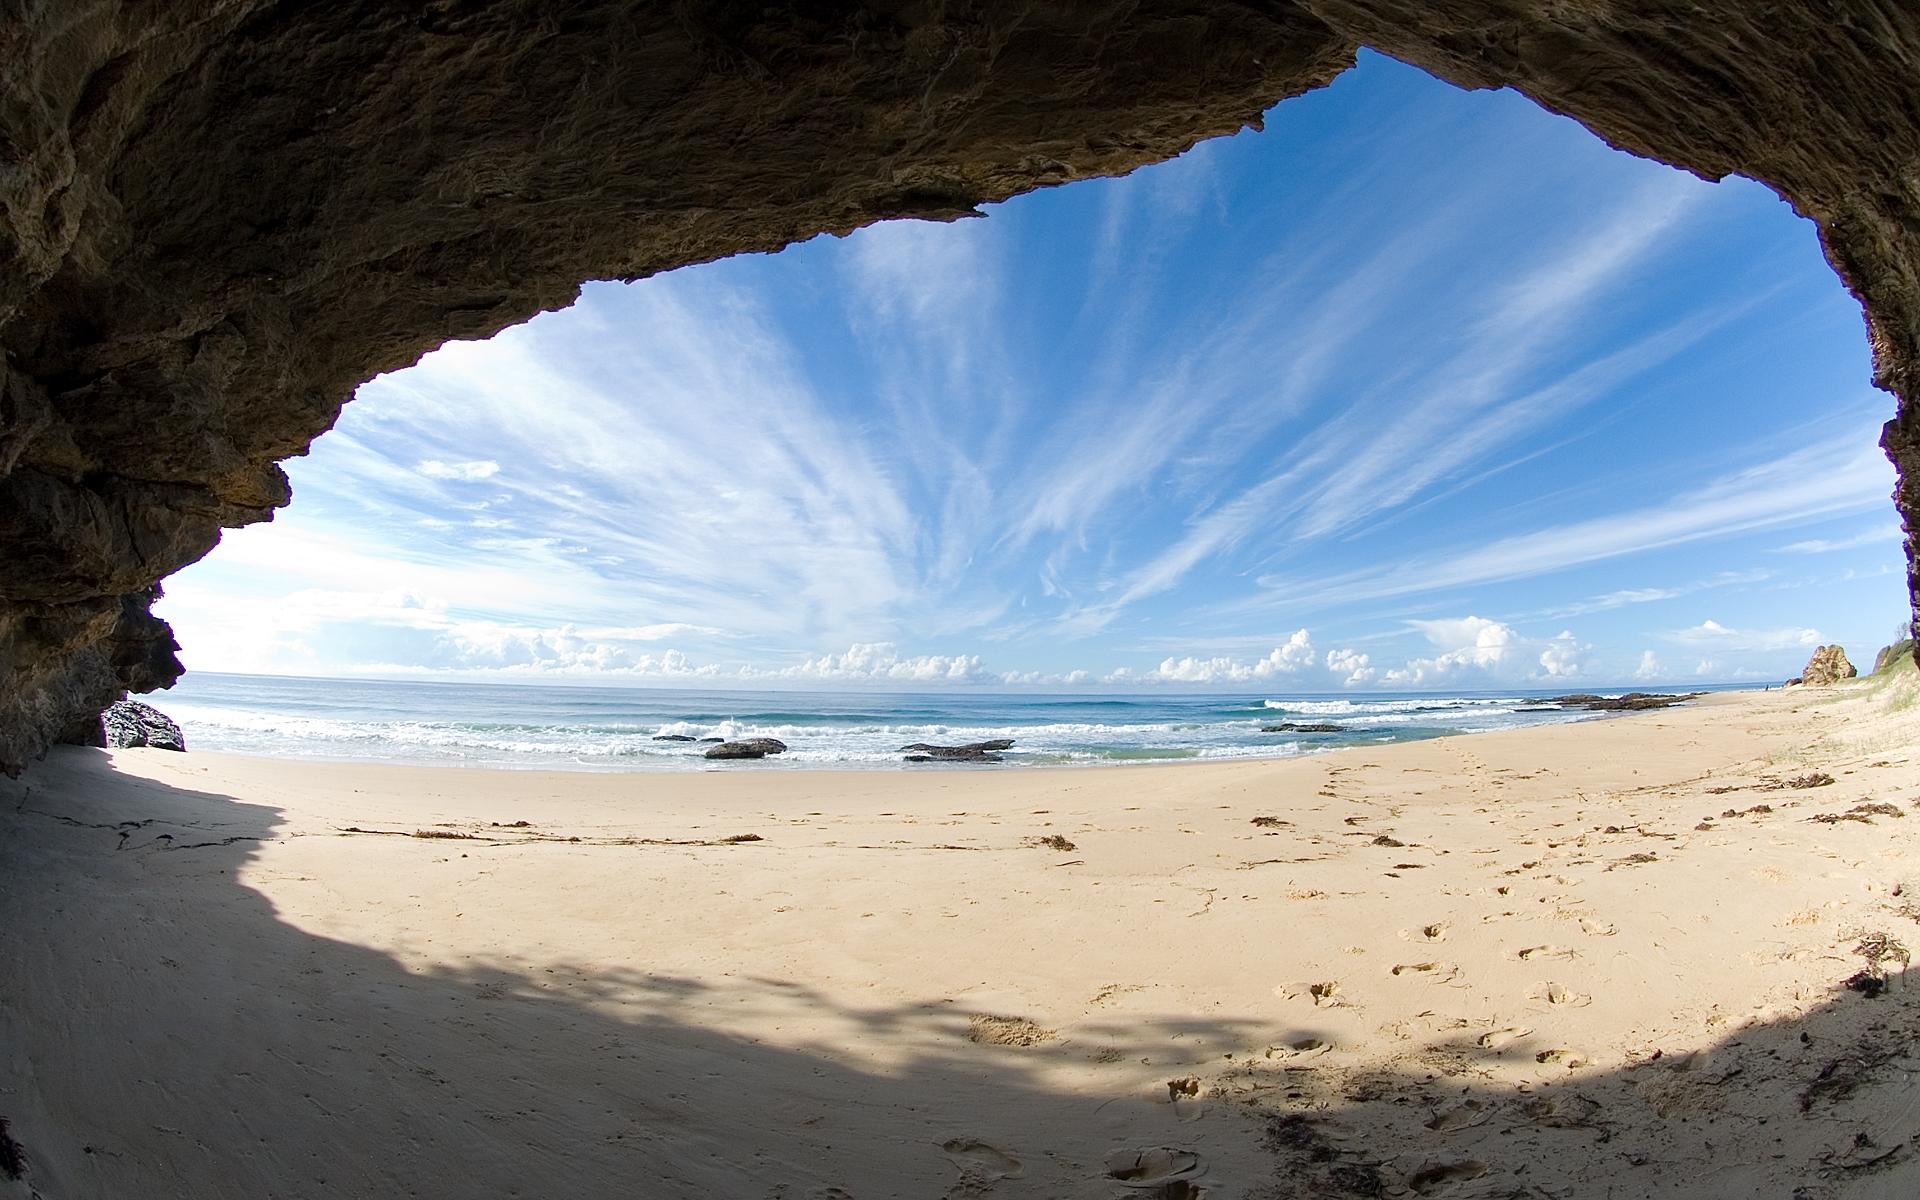 Image Ocean Beach Desktop Download 1920x1200